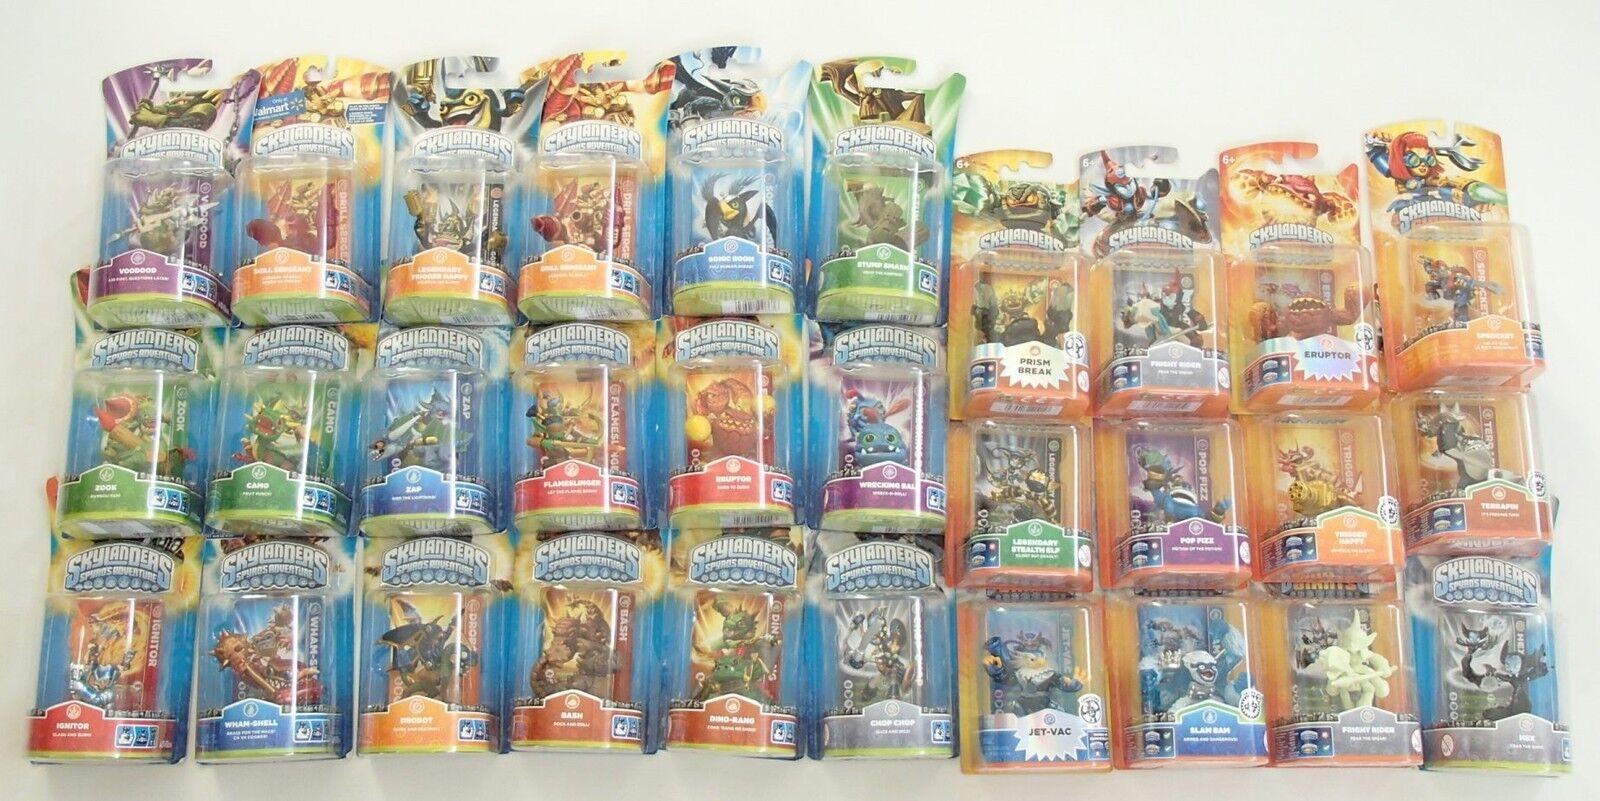 BNIB Skylanders Spyro's Adventures Giants Action Figures WII PS3 XBox 1st Series